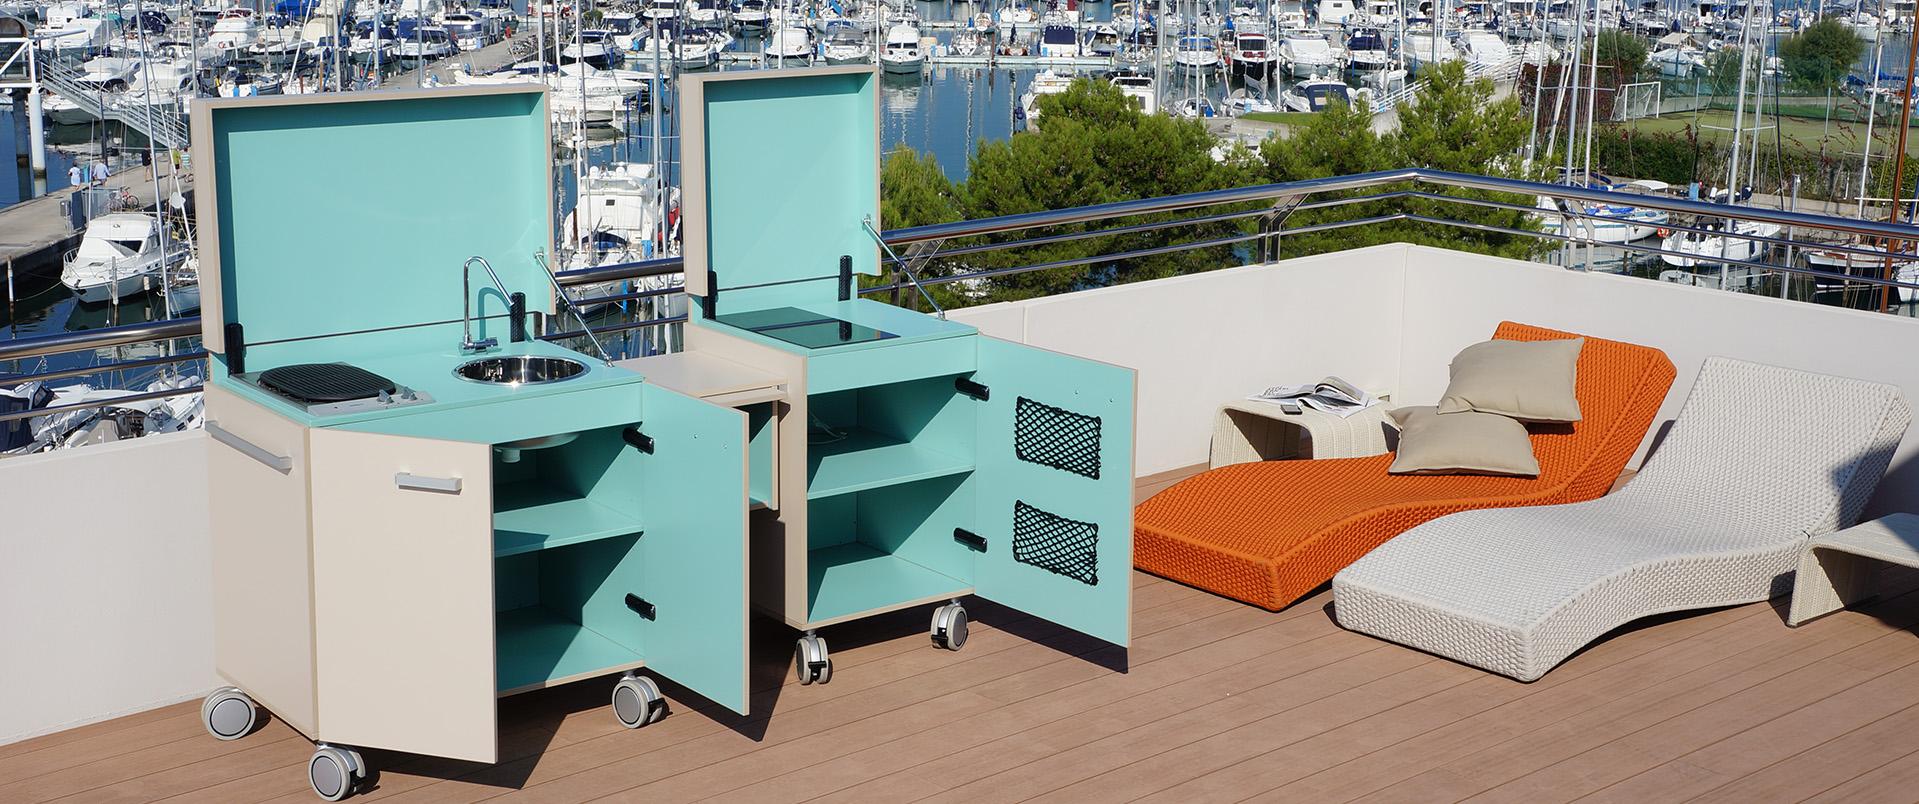 cuisines meubles d 39 ext rieur. Black Bedroom Furniture Sets. Home Design Ideas